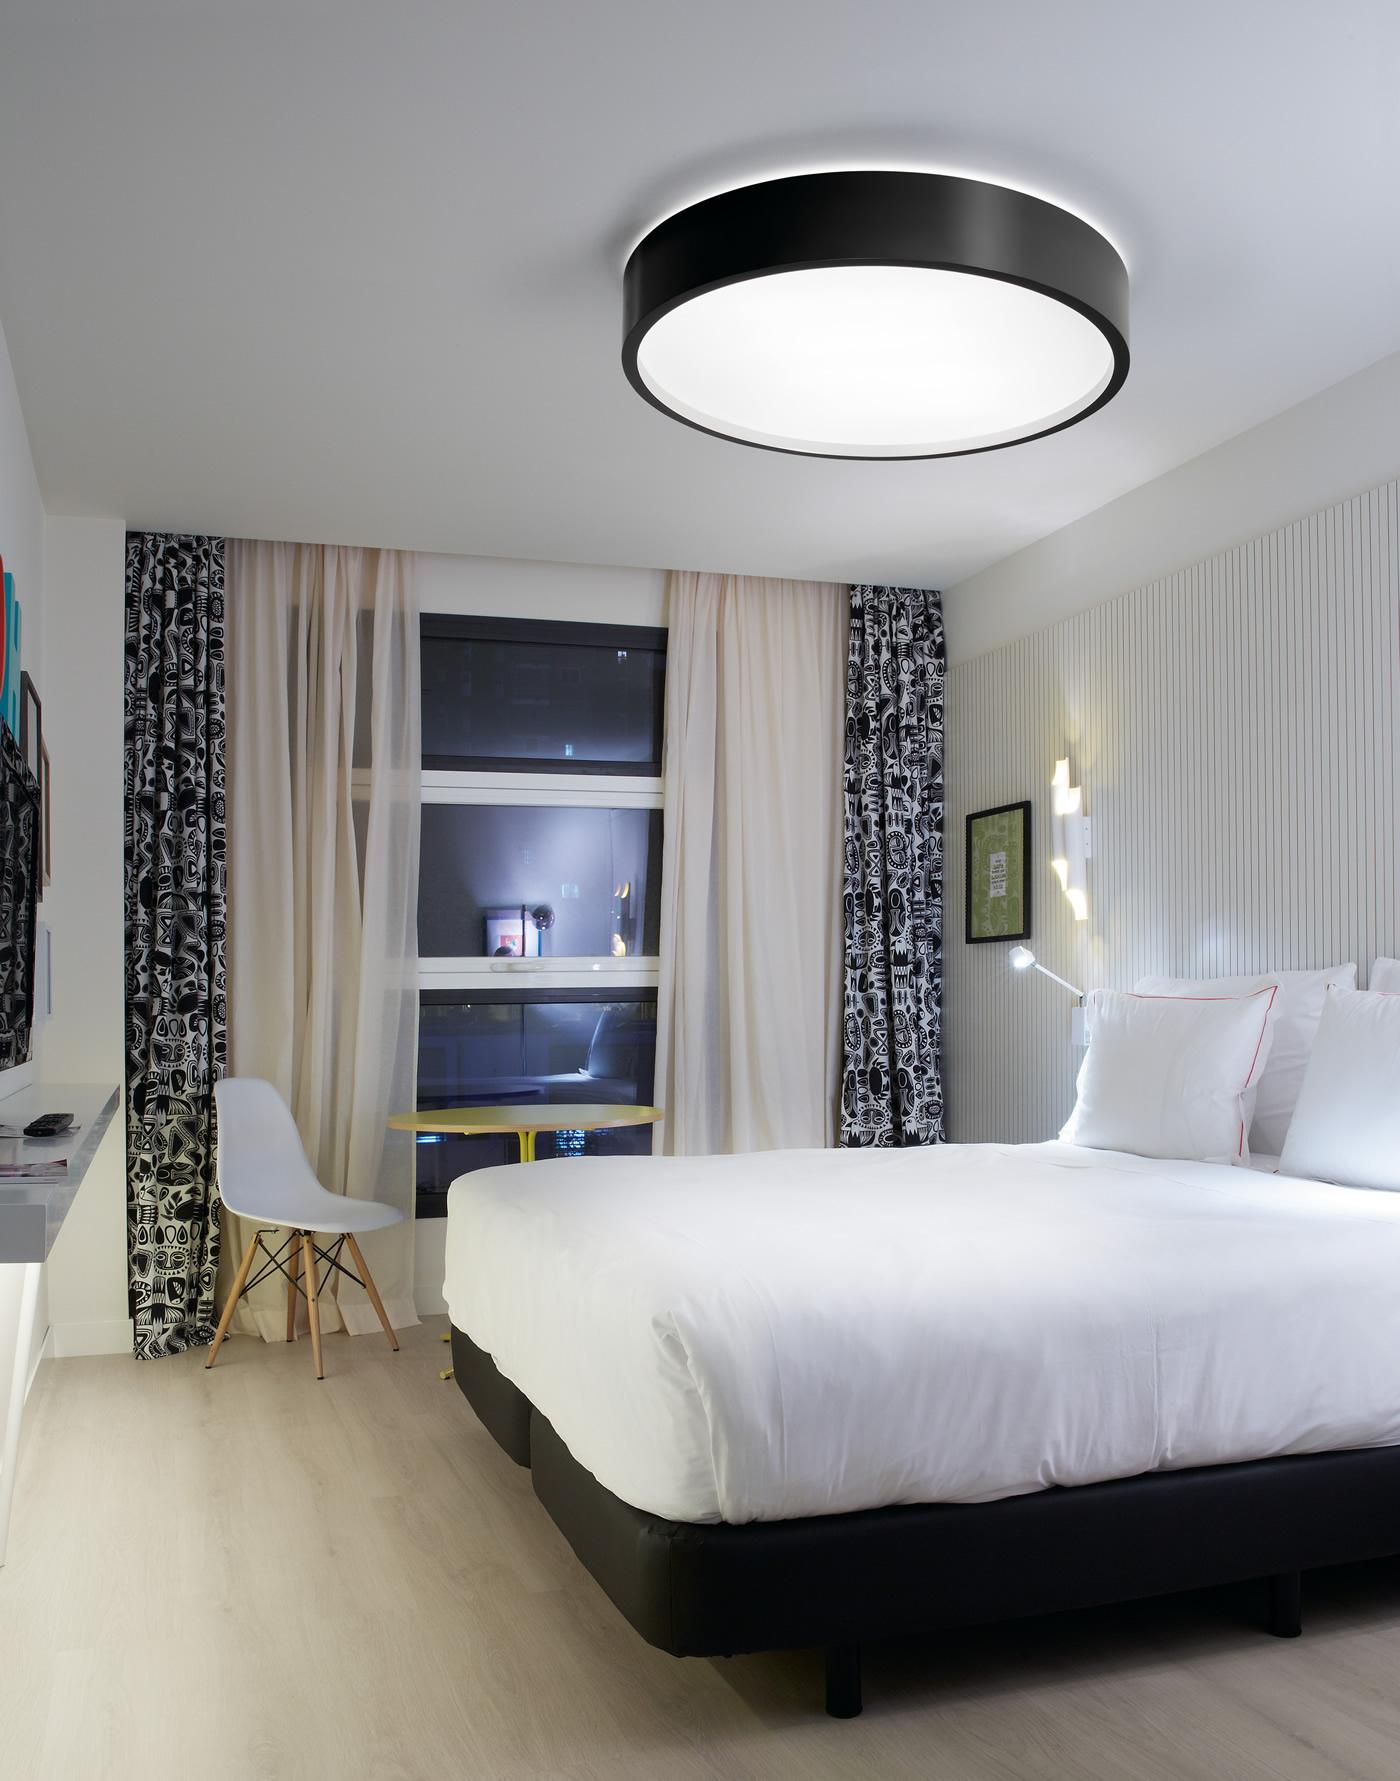 bover elea 85 plaf n 2g11 55w blanco lacado 510332401. Black Bedroom Furniture Sets. Home Design Ideas